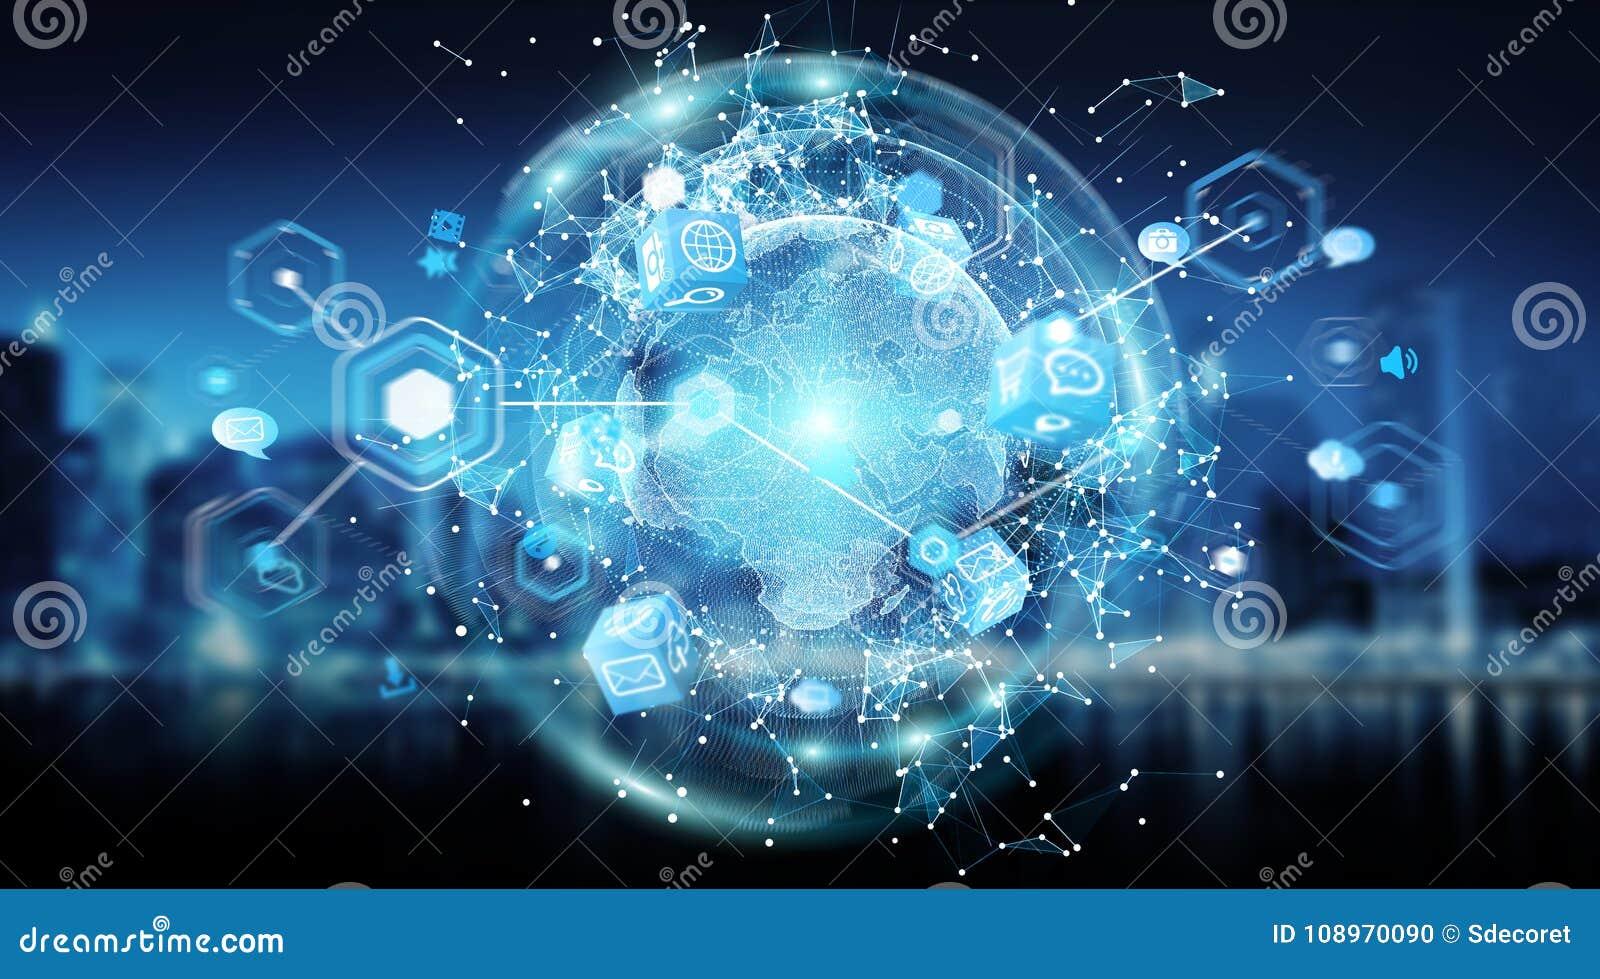 Συνδέσεων τρισδιάστατη απόδοση παγκόσμιας αντίληψης συστημάτων σφαιρική